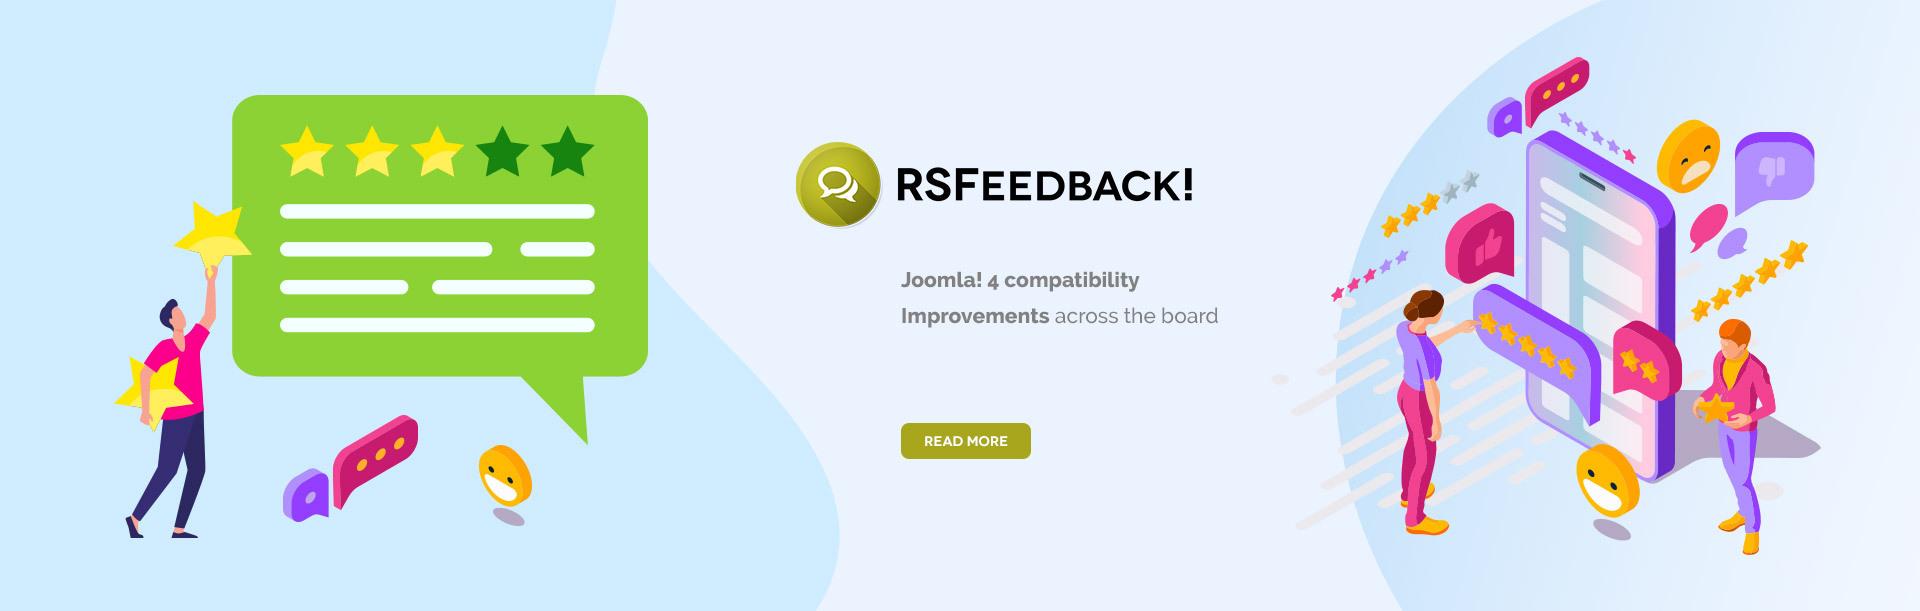 RSFeedback! 1.8.6